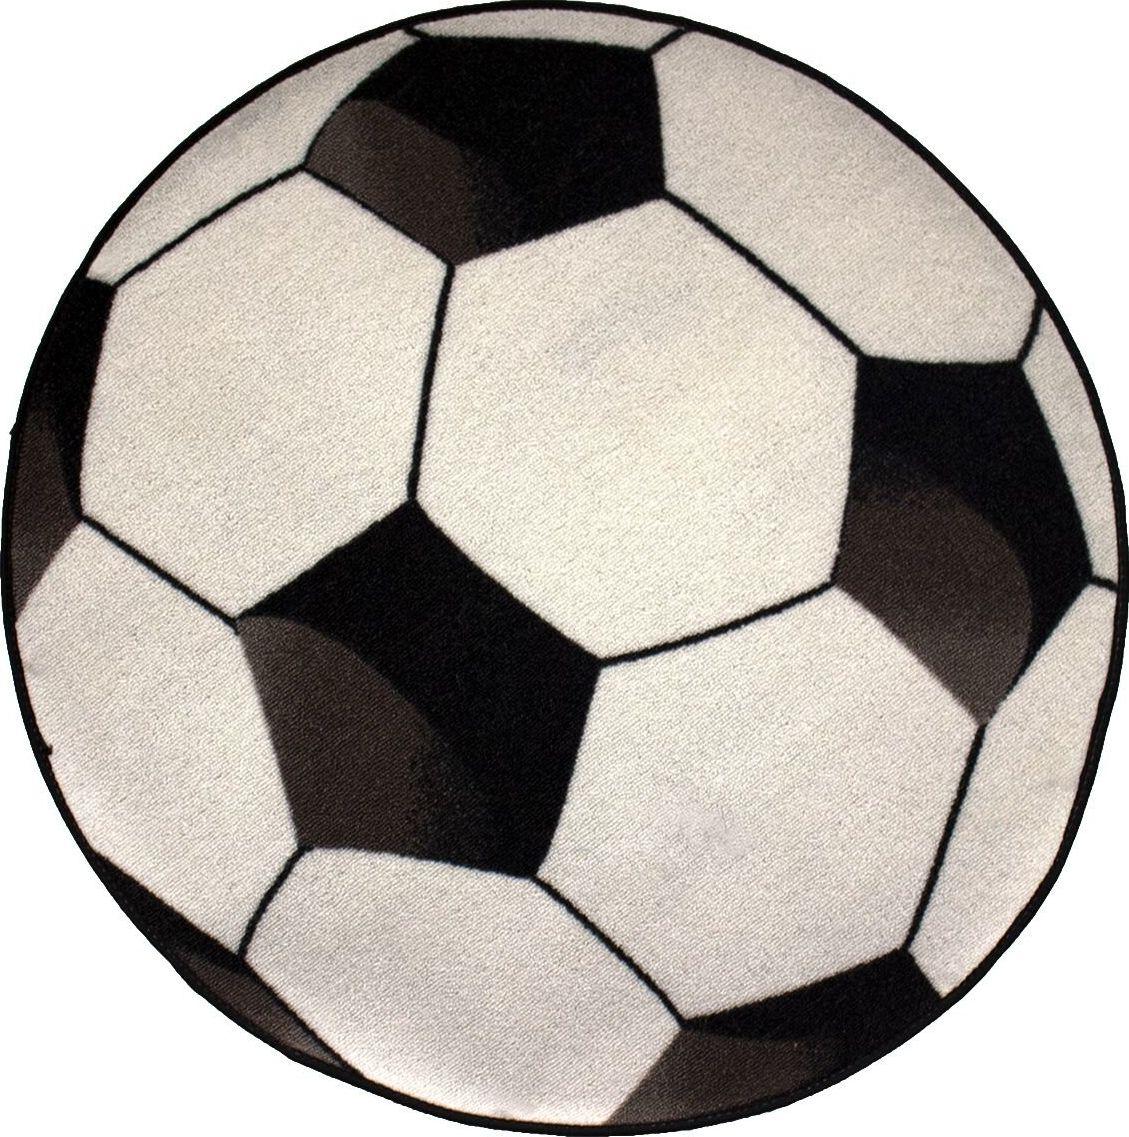 AW Rugs Vaikiskas kilimas Football, 80x80 cm 5033626